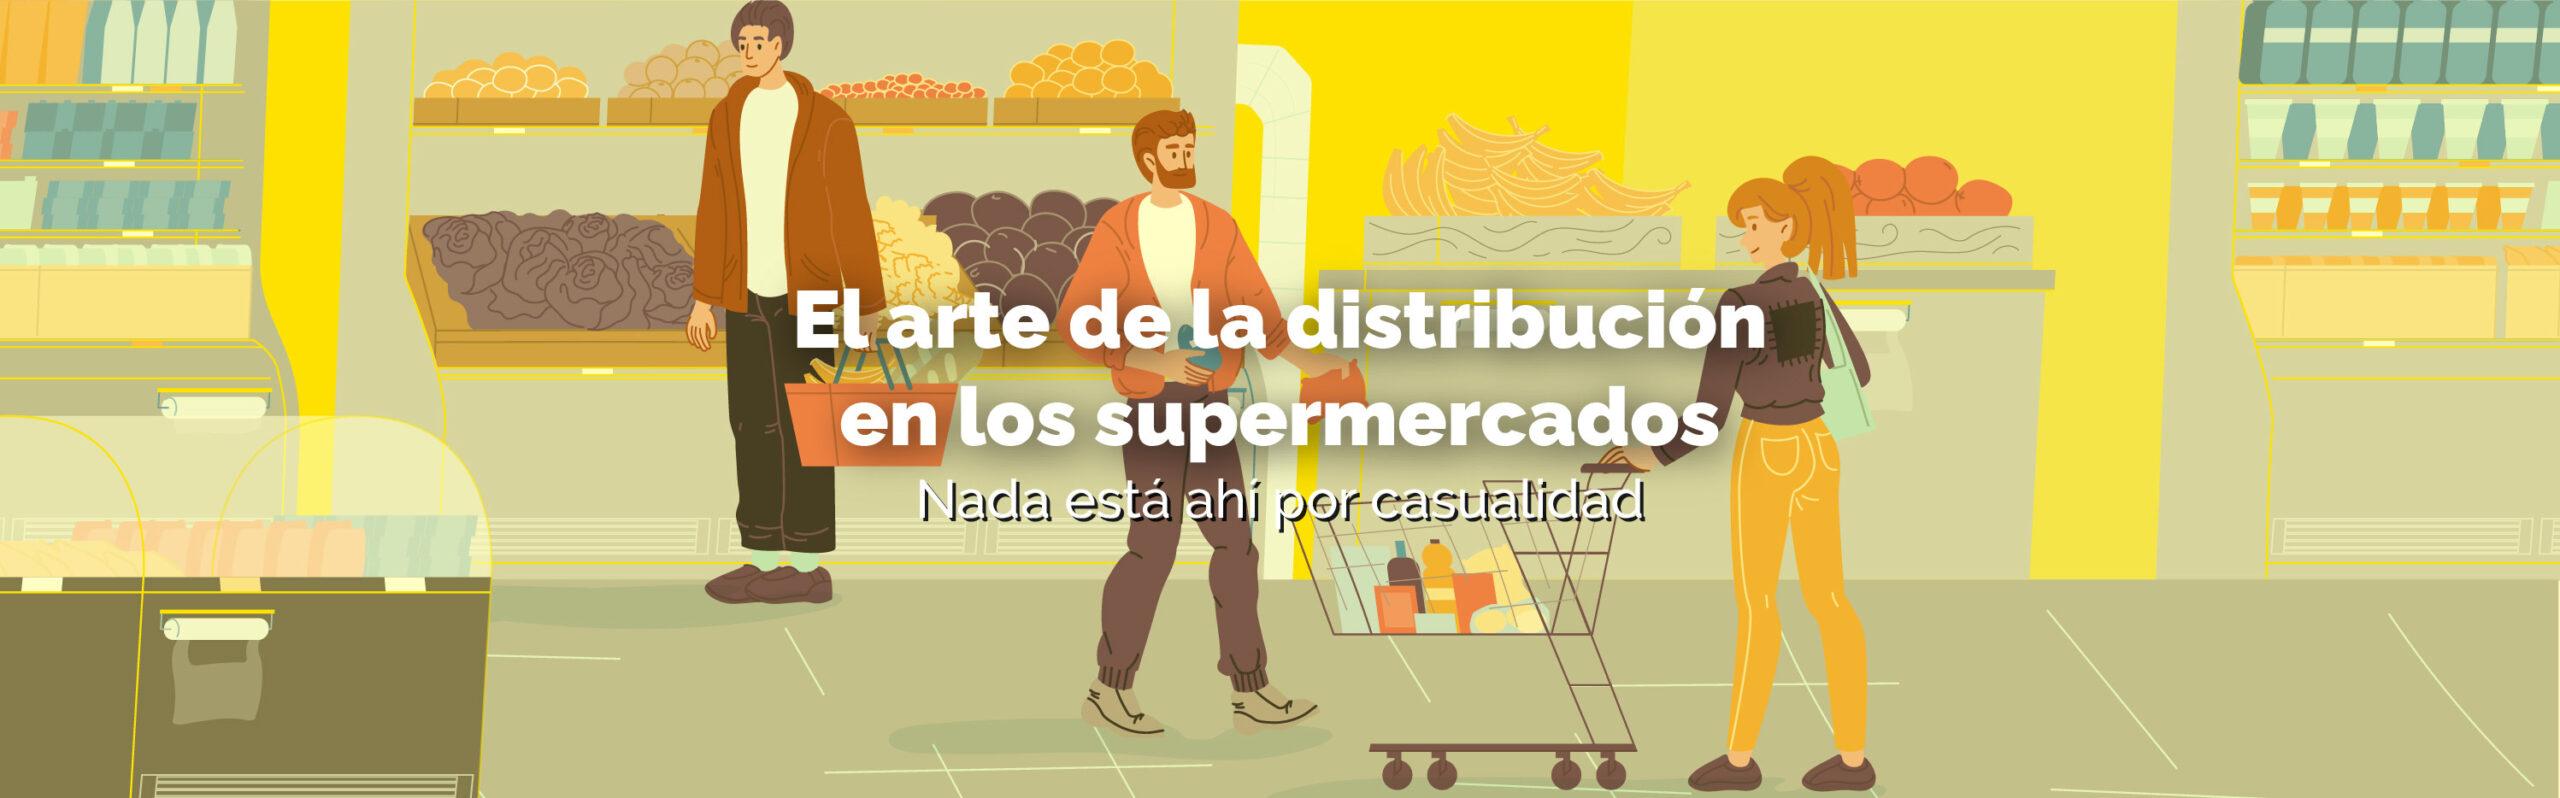 distribución supermercadoss